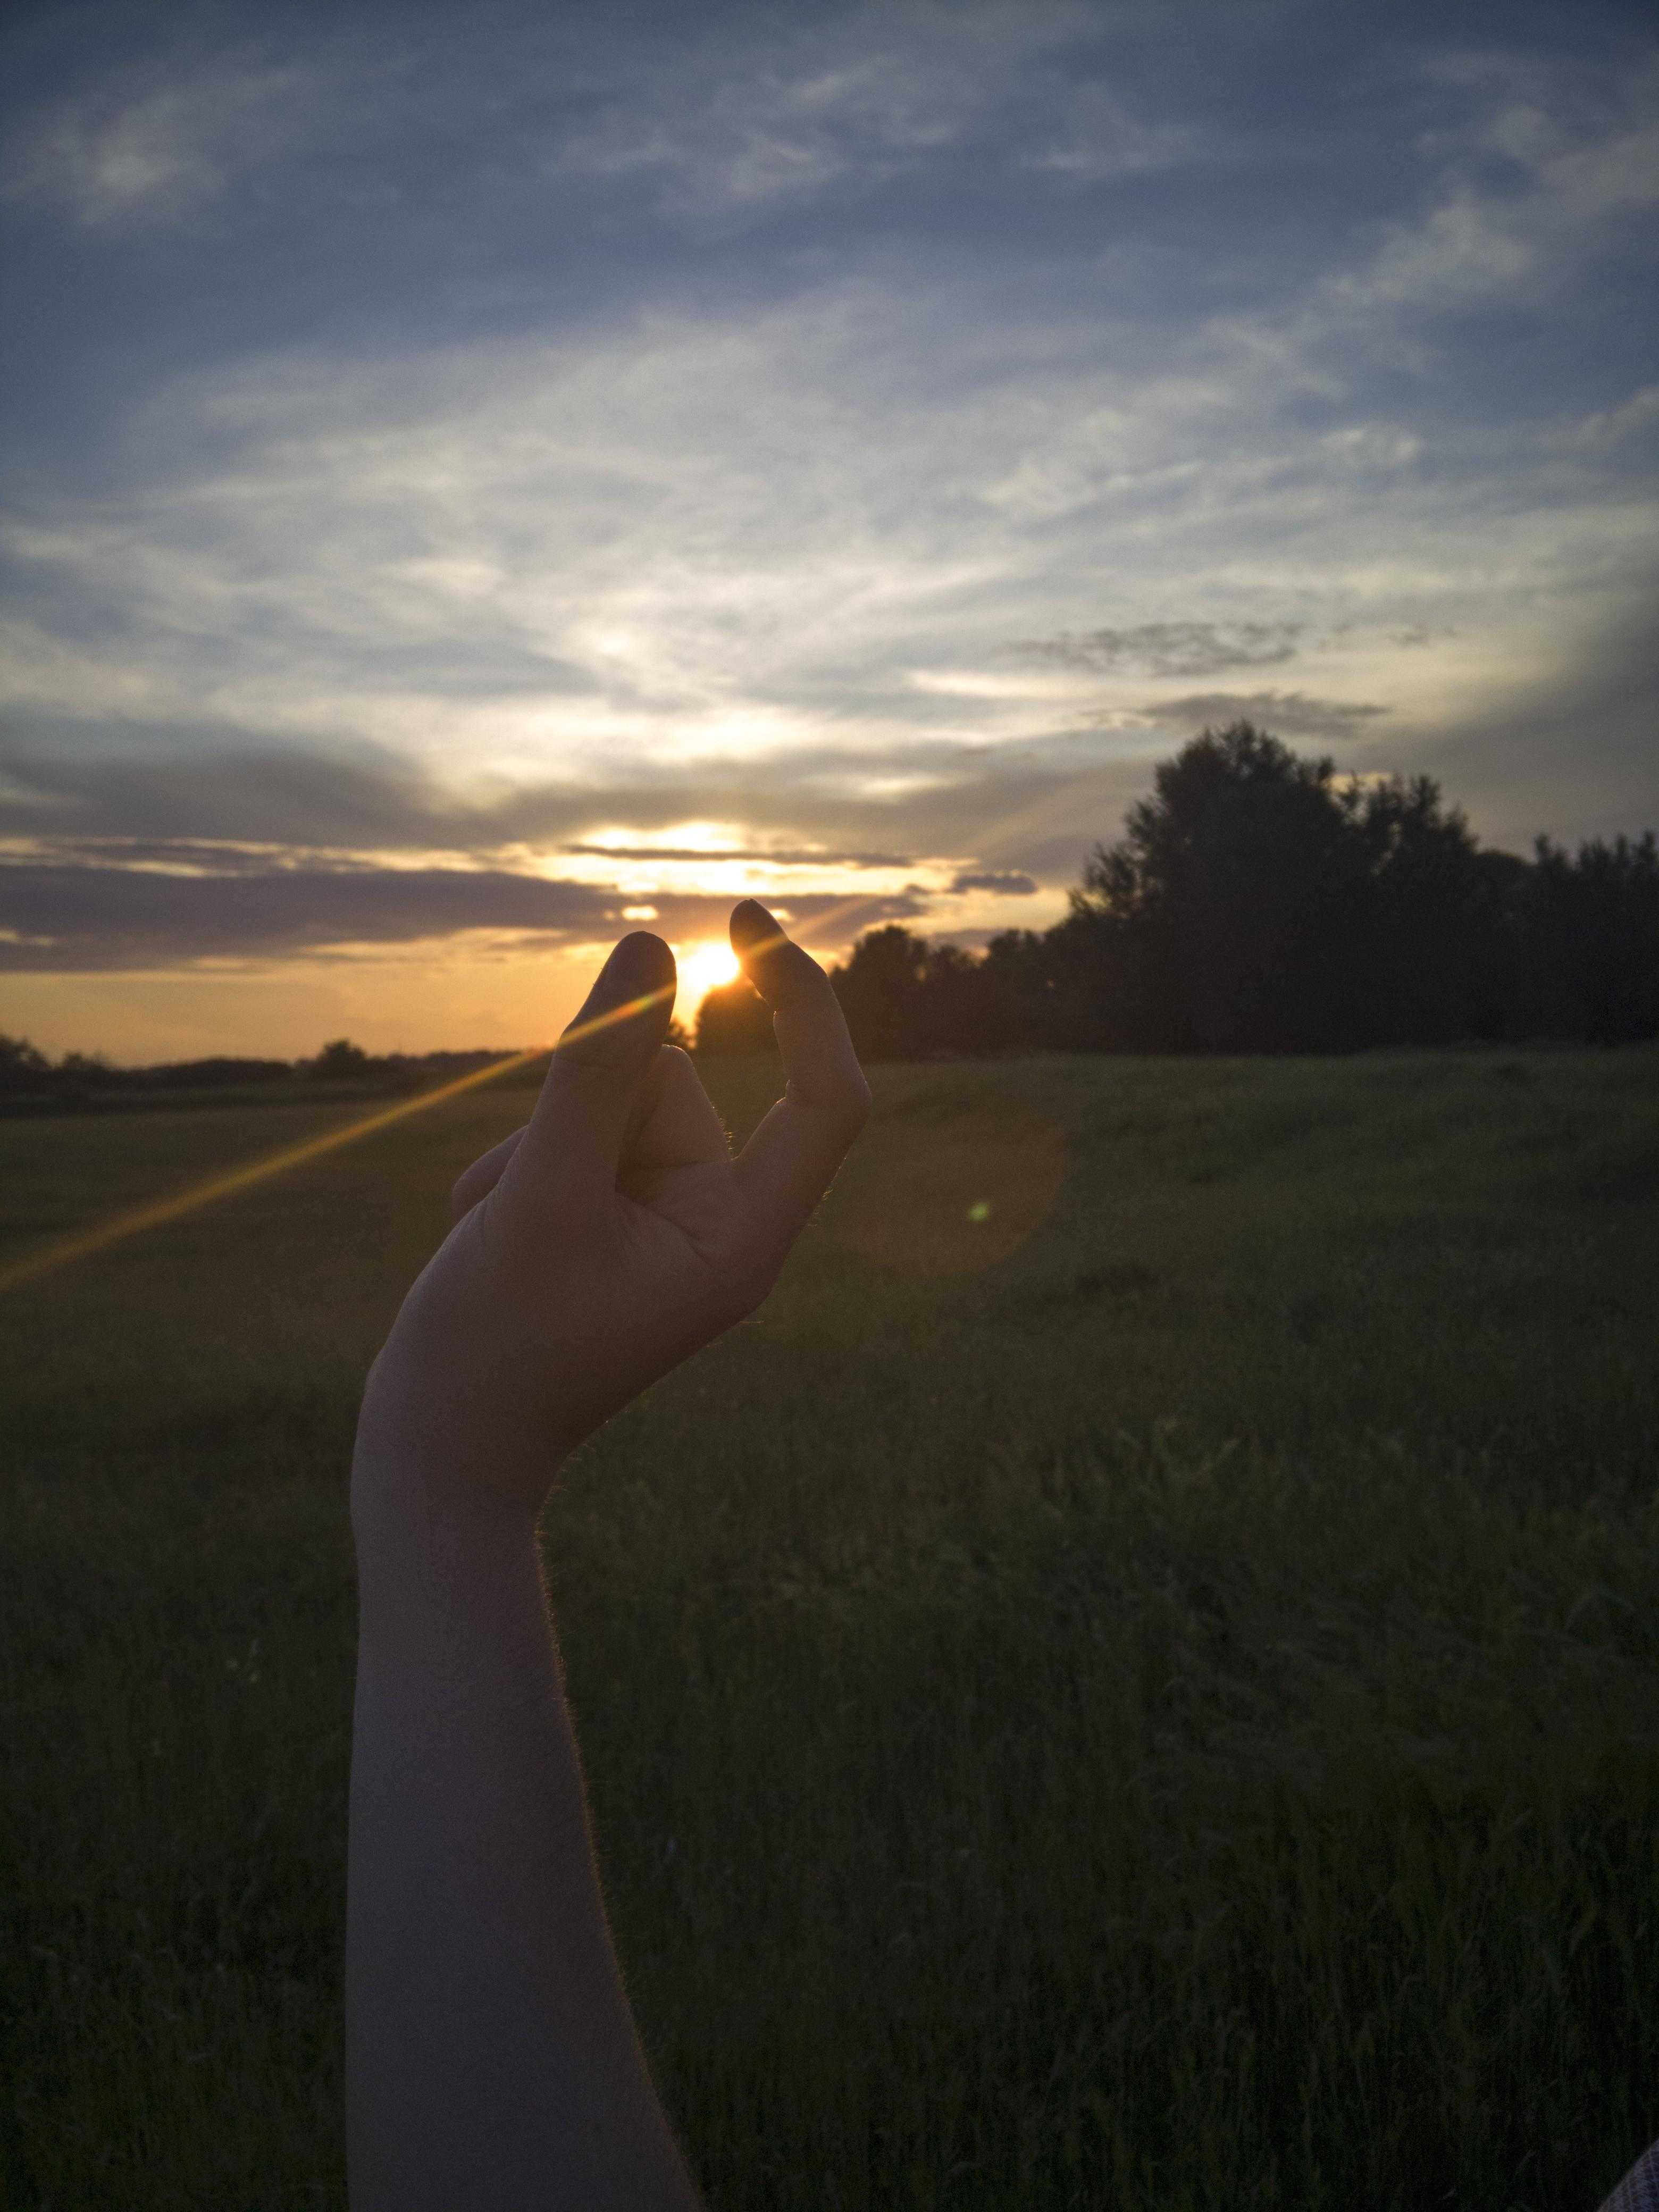 мутант, обычно картинки красивый закат солнца в руках беспородных